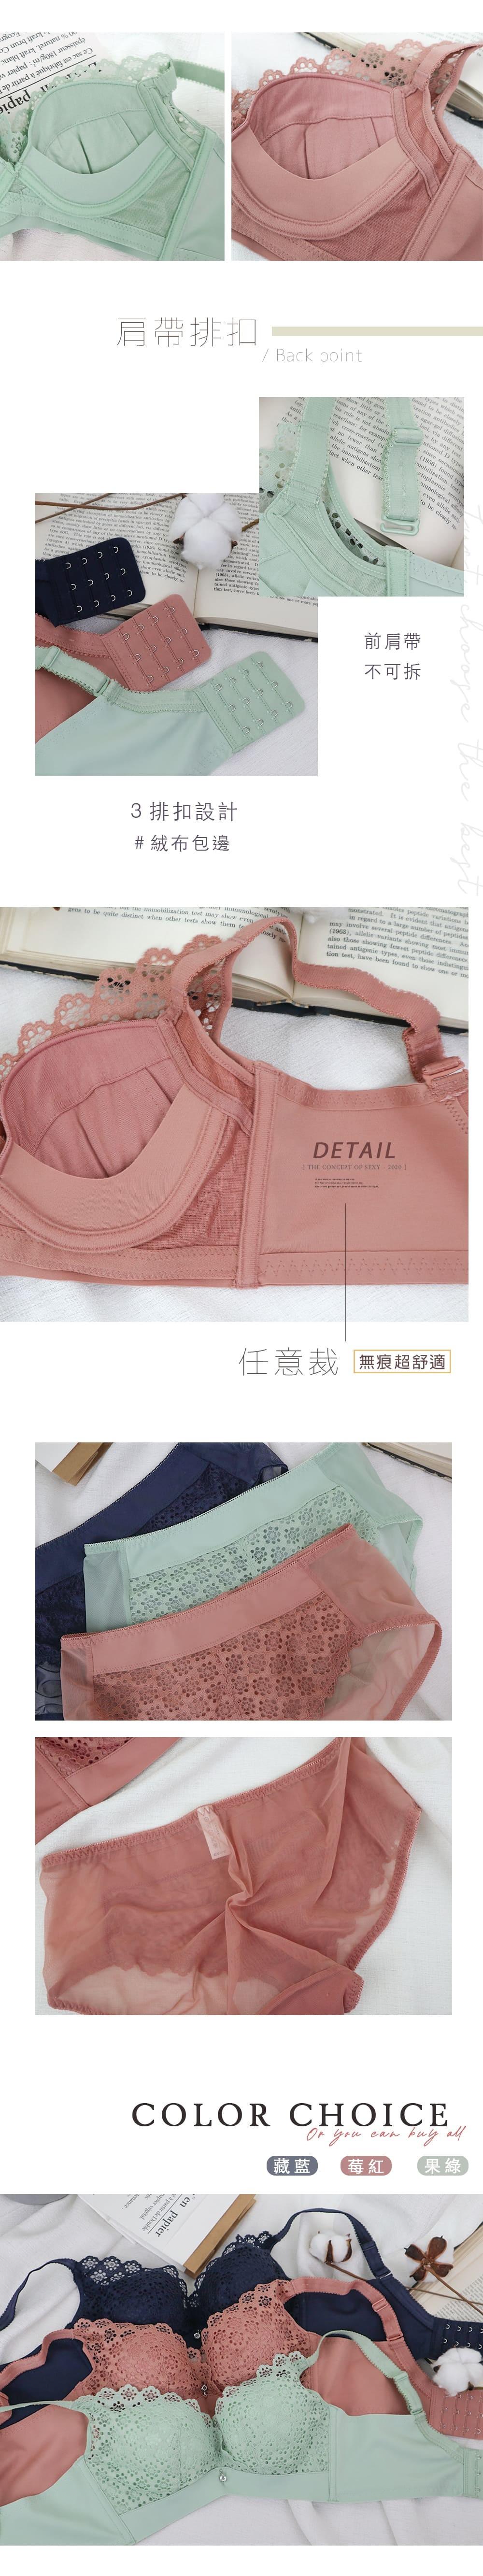 無鋼圈【雲朵蕾絲】調整型內衣單件 3色